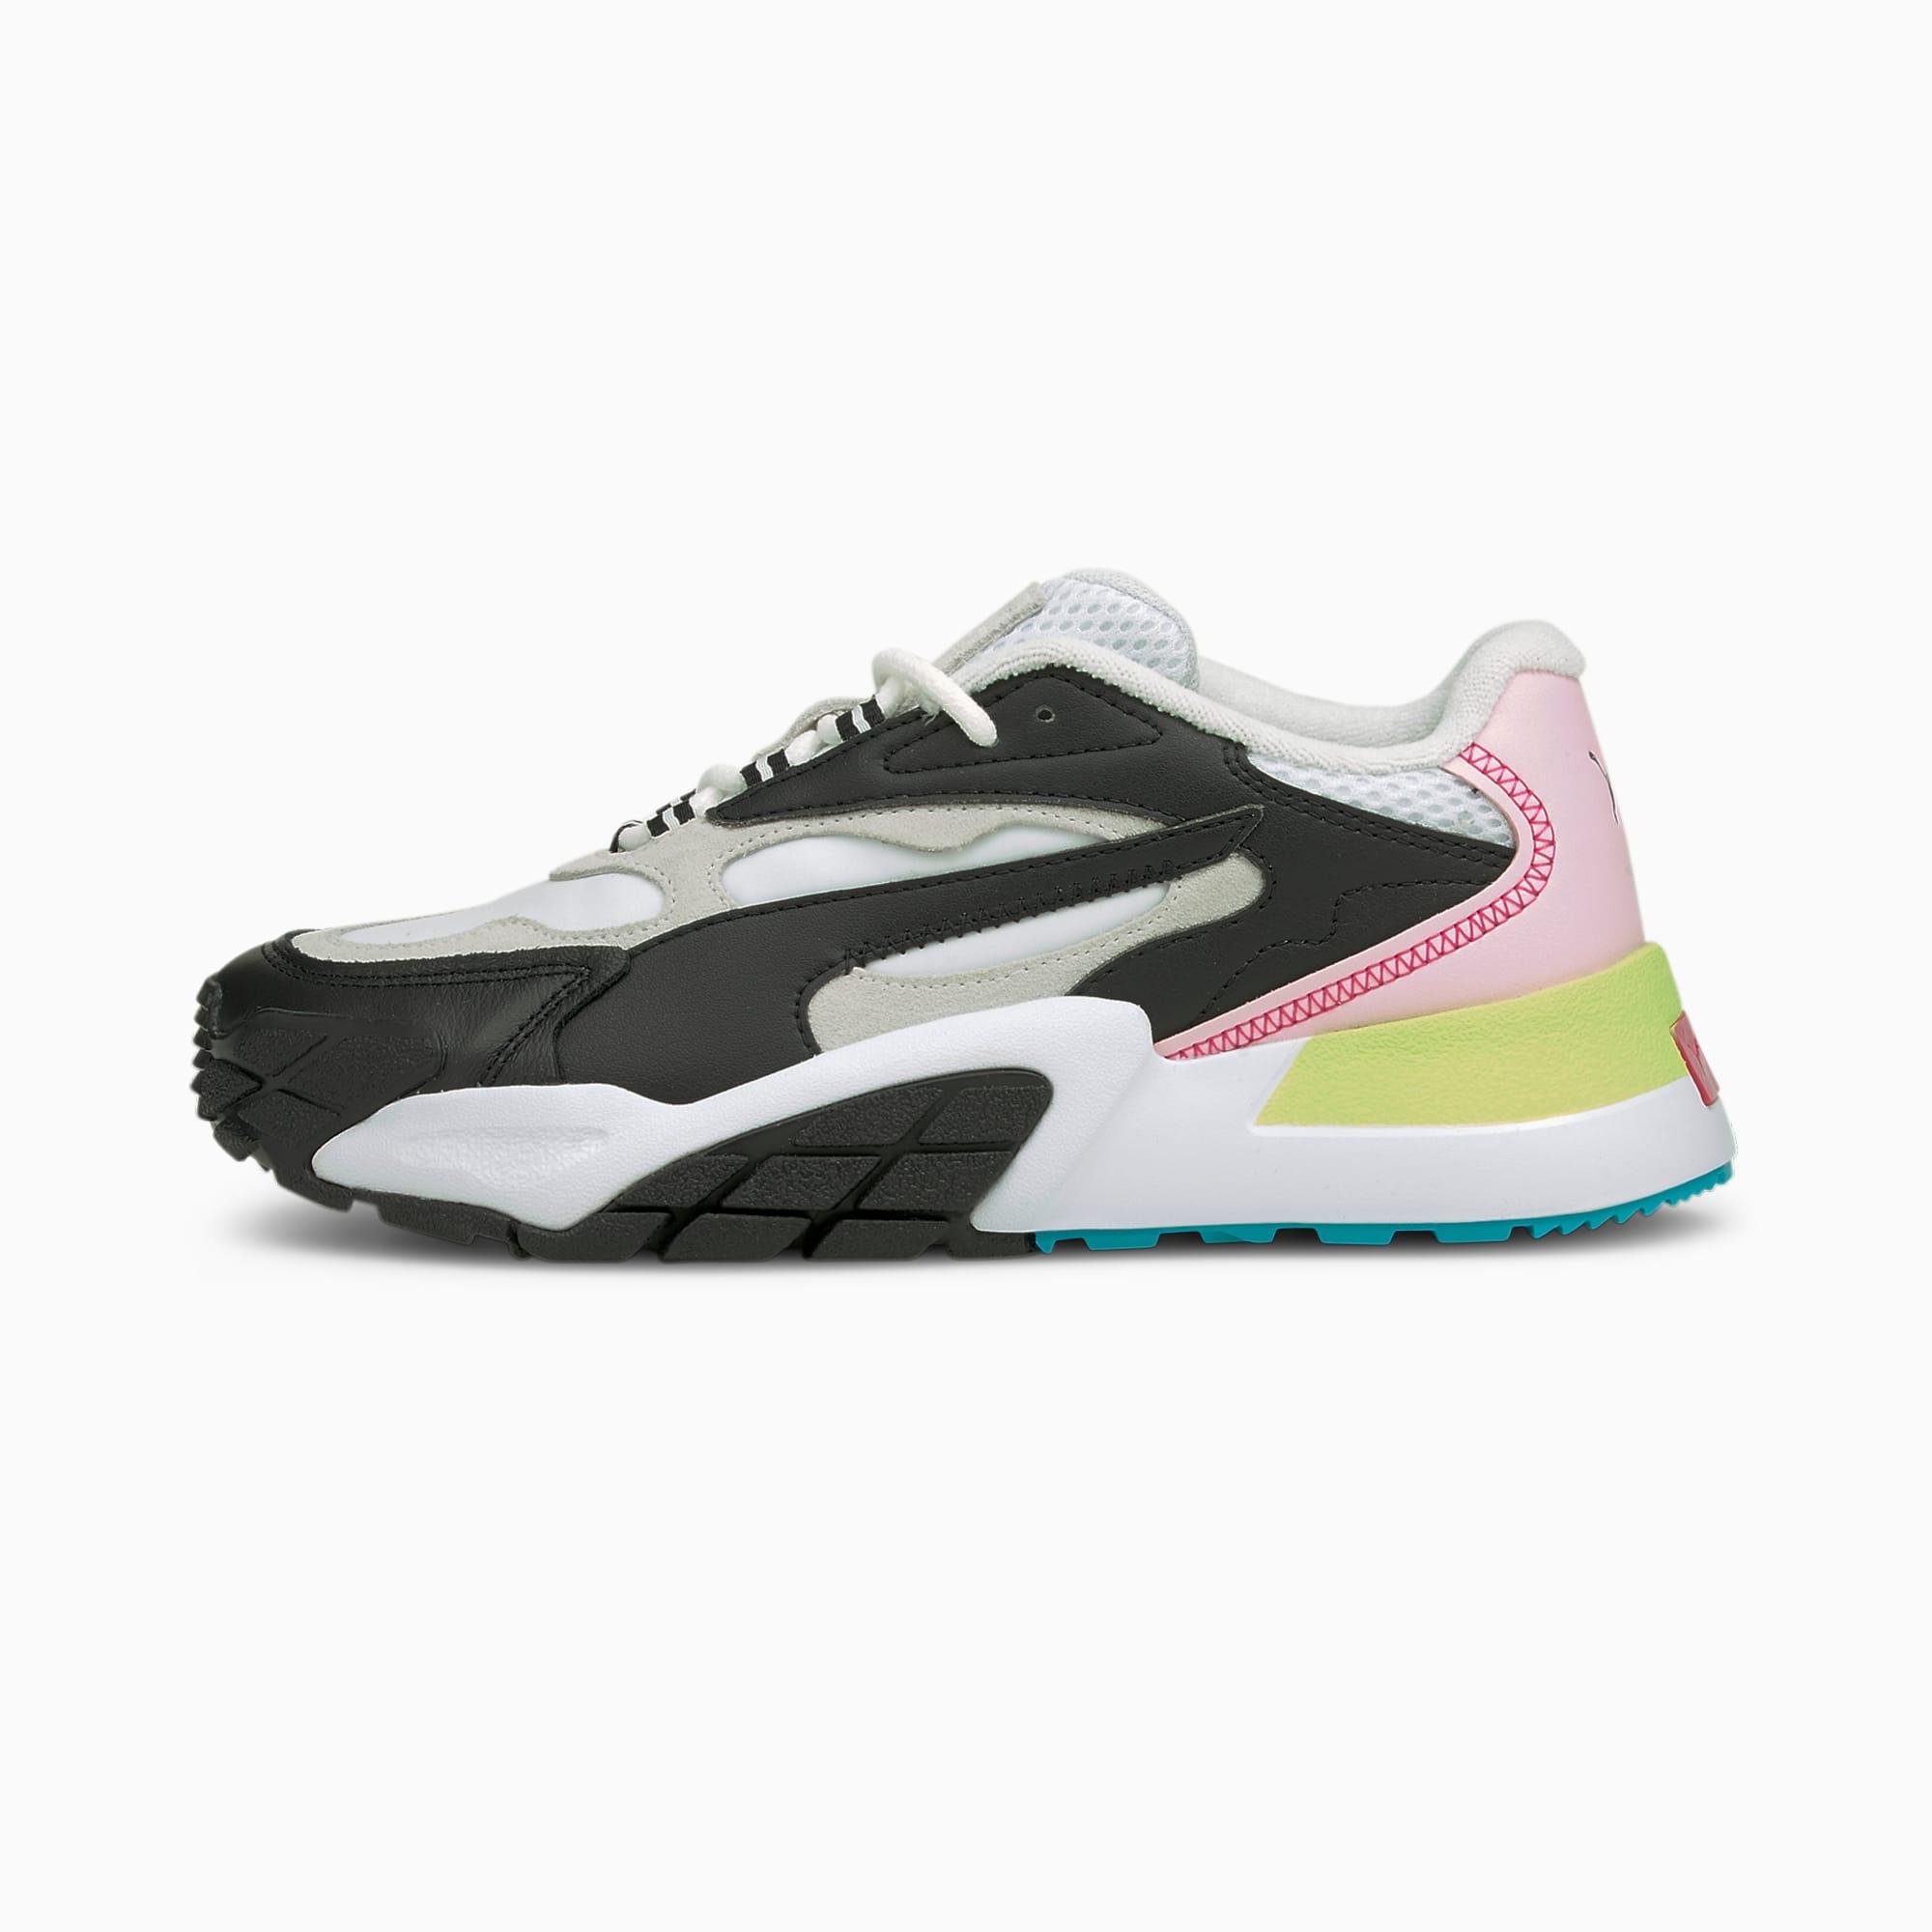 Hedra Fantasy sneakers dames, Wit/Roze/Zwart, Maat 42,5   PUMA